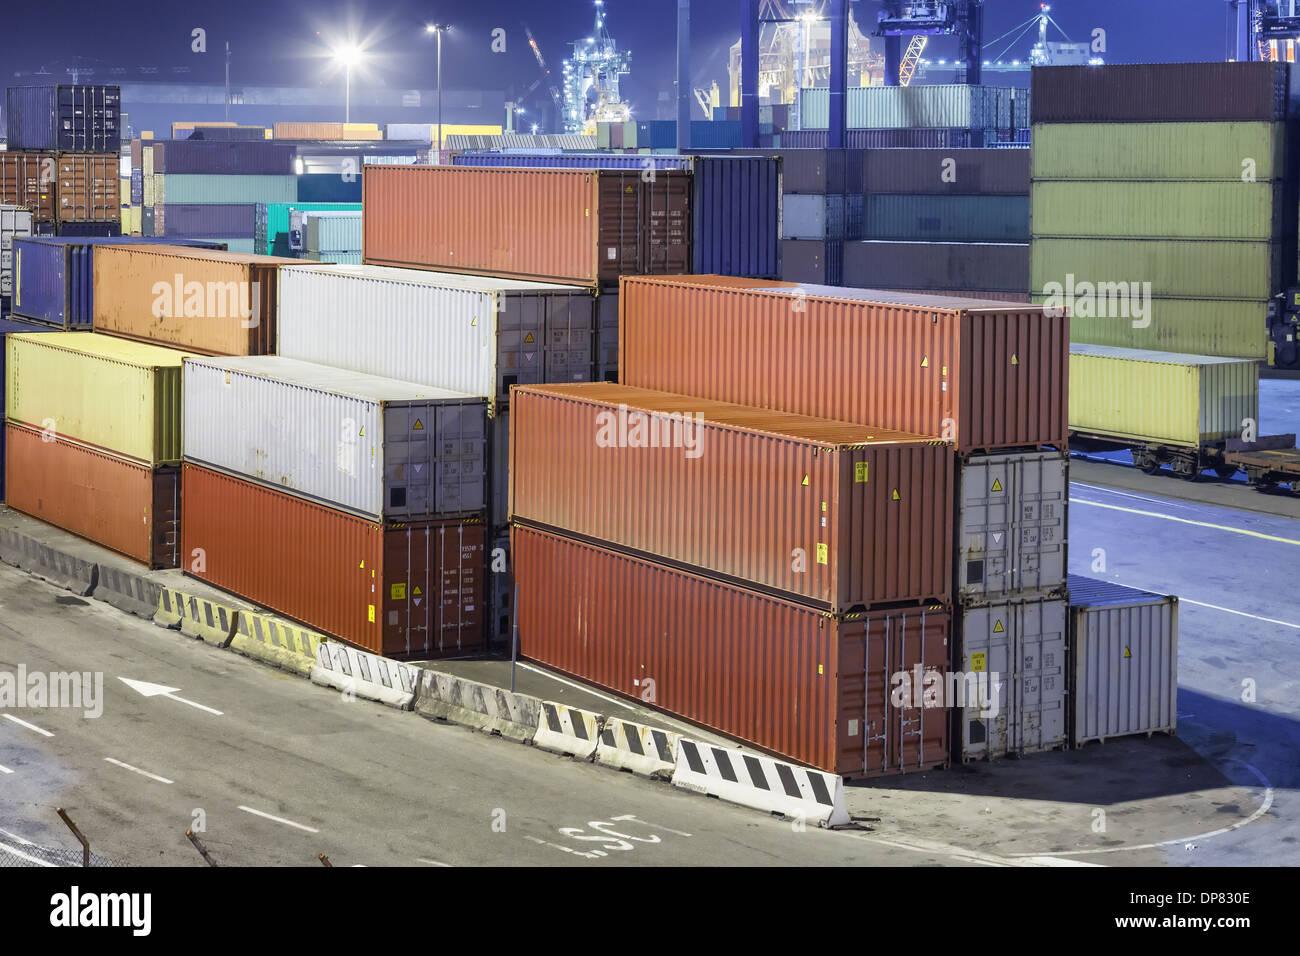 Container-Betrieb im Hafen bei Nacht Stockfoto